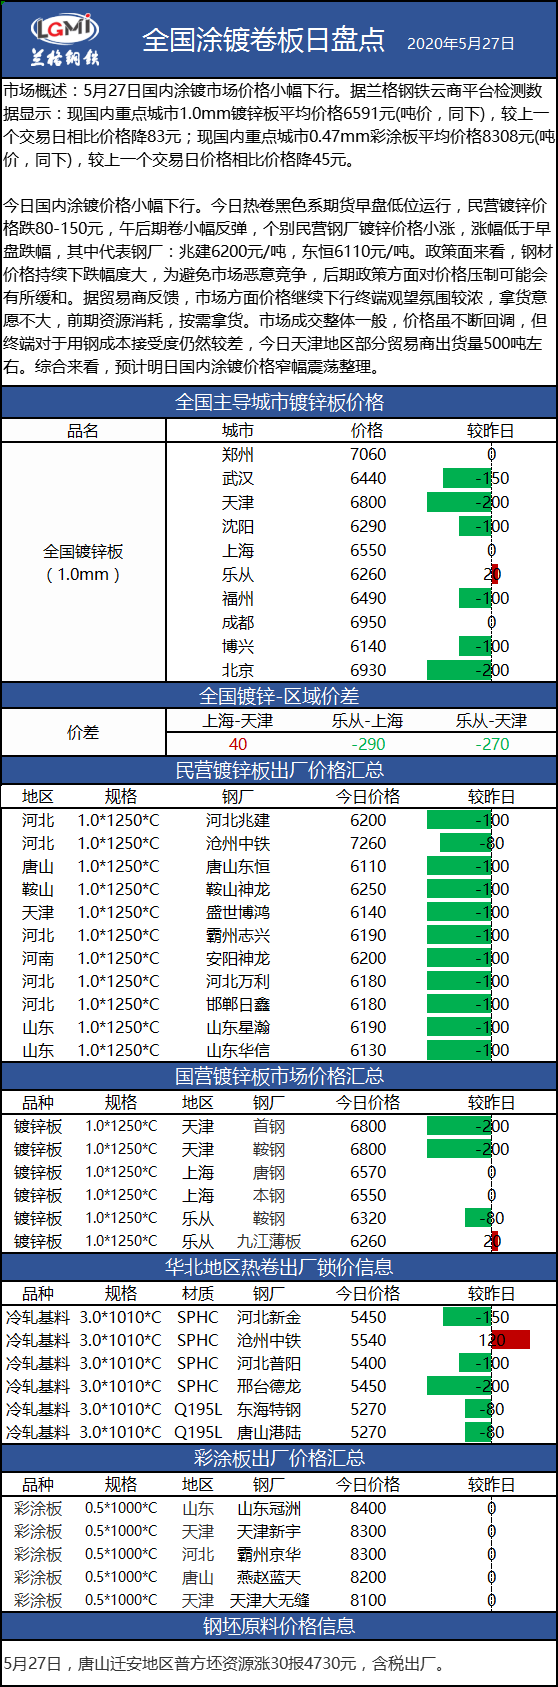 兰格涂镀板卷日盘点(5.27):涂镀价格维持下跌趋势 整体成交一般